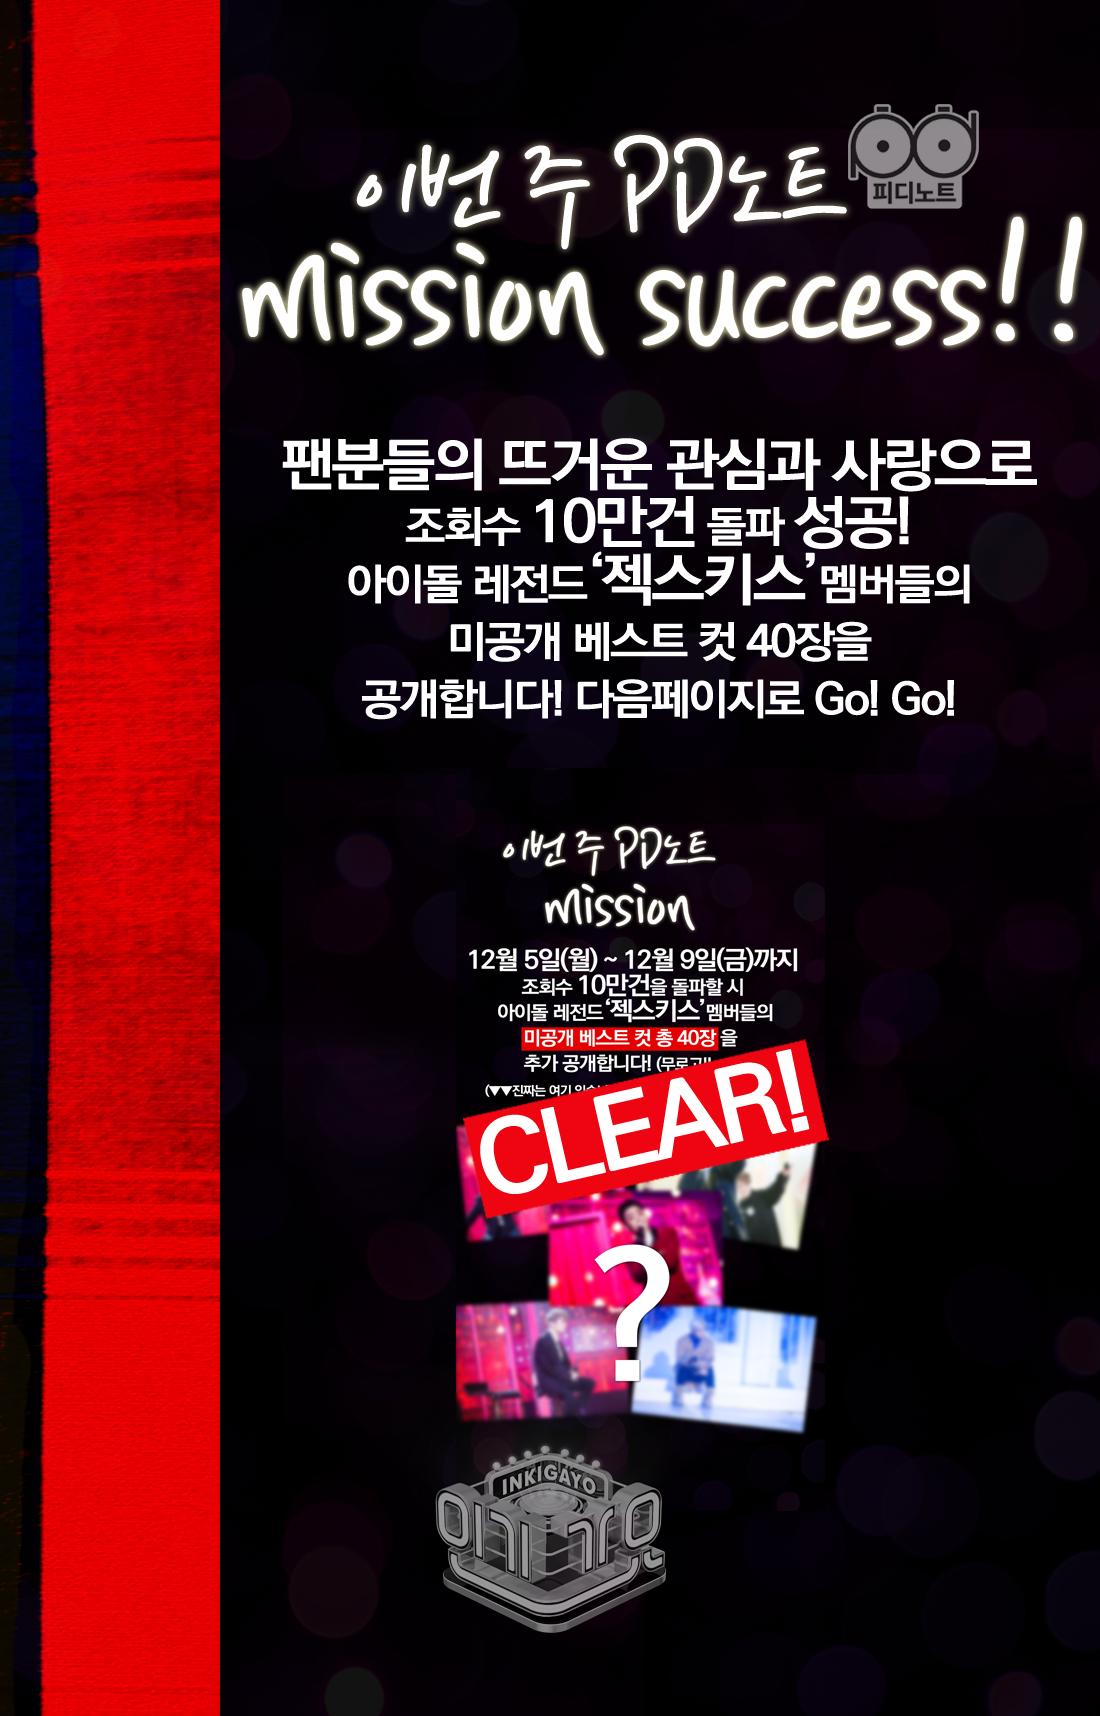 팬분들의 뜨거운관심과 사랑으로 조회수 10만건 돌파 성공! 아이돌 레전드 젝스키스 멤버들의 미공개 베스트컷 40장을 공개합니다! 다음페이지로GOGO!